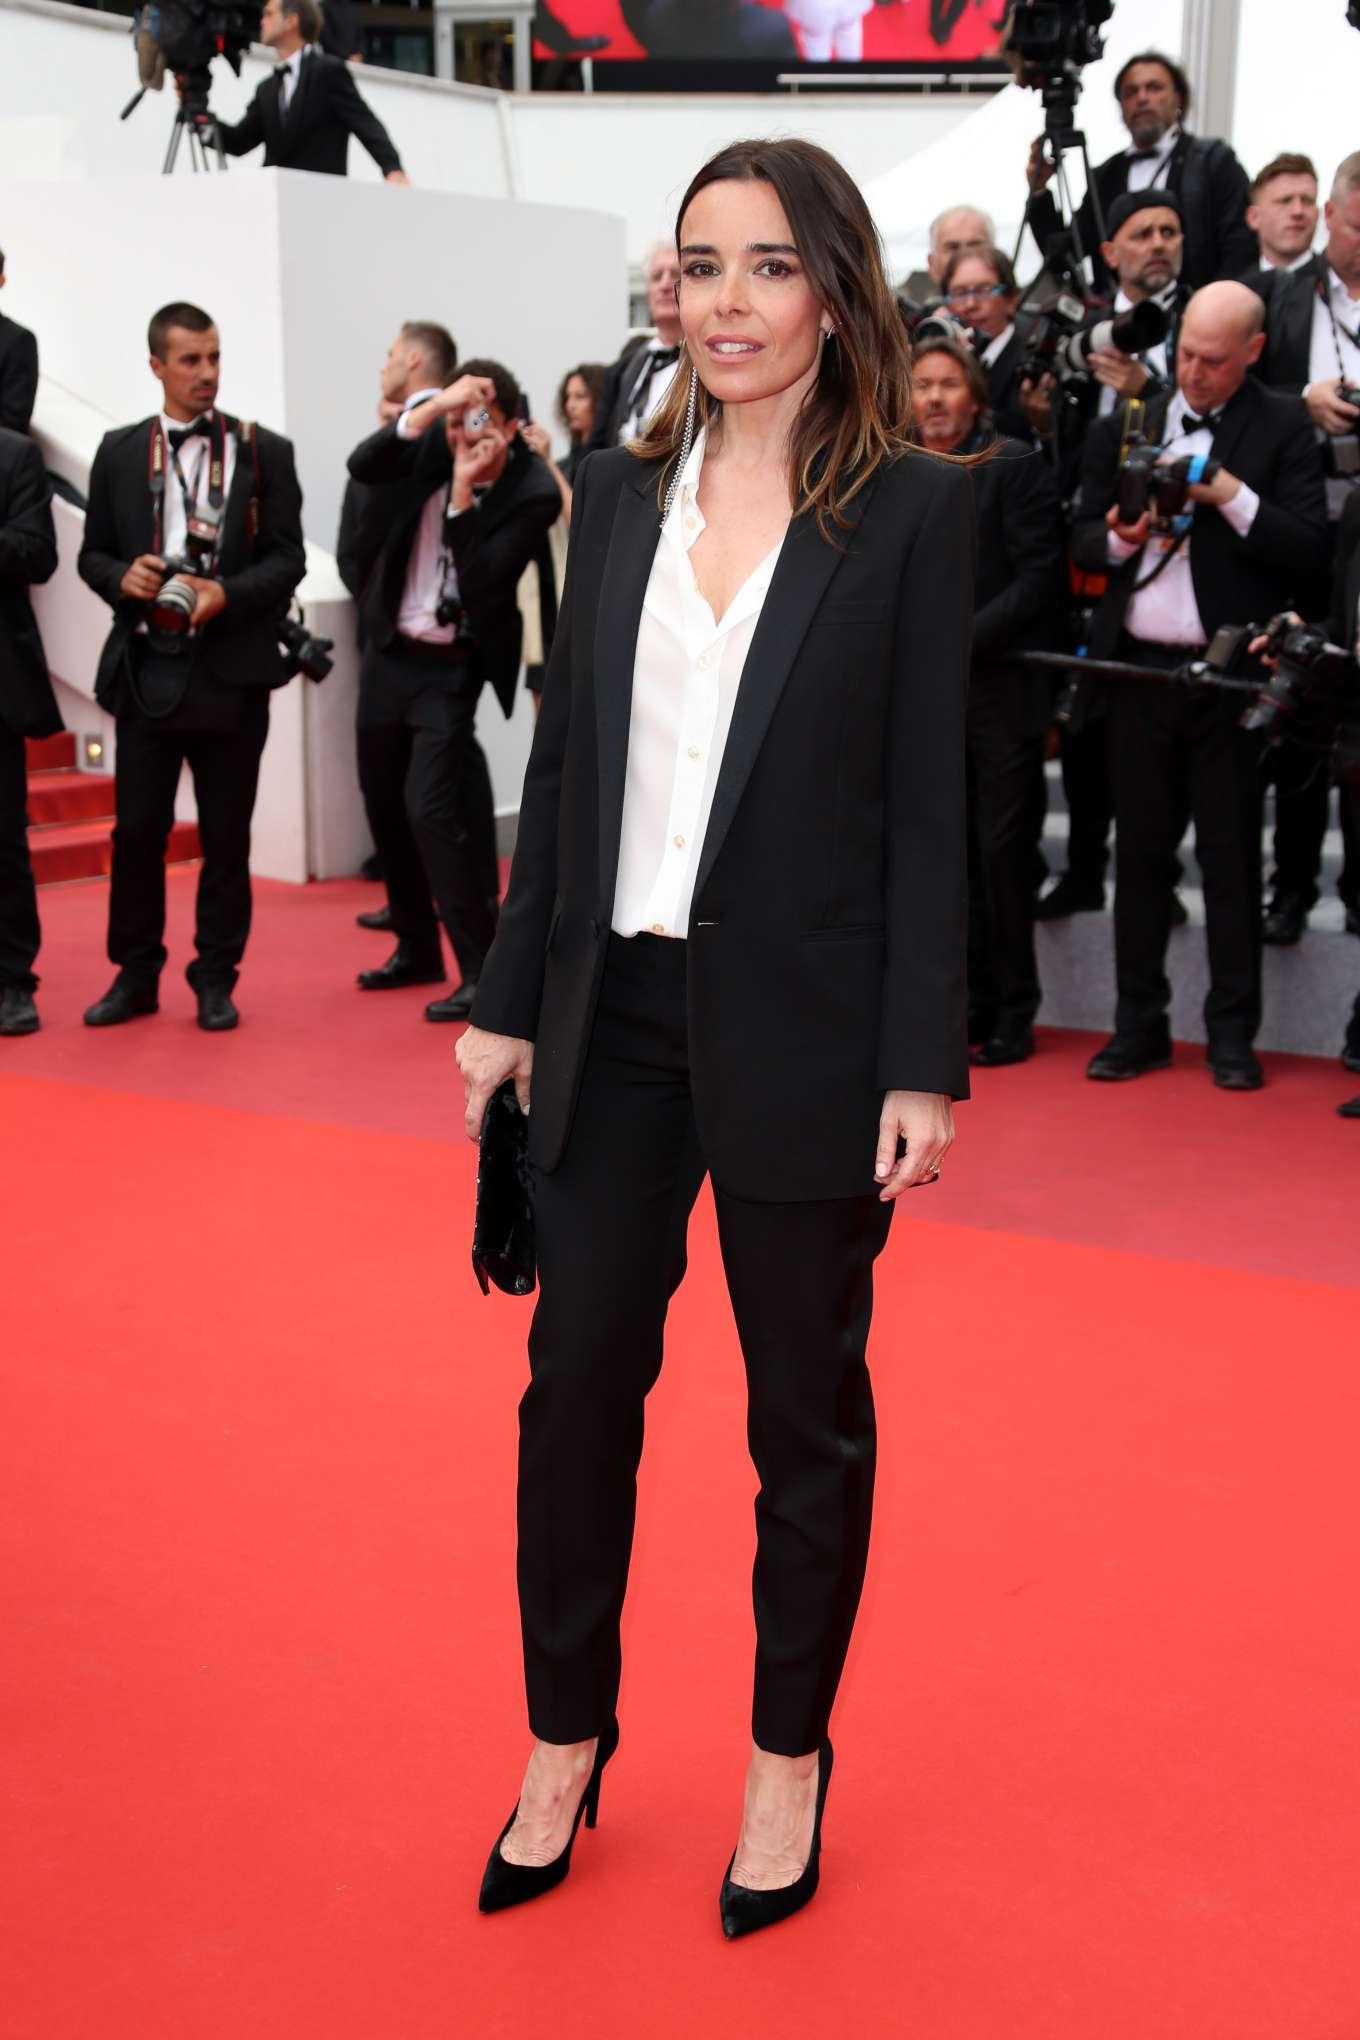 Elodie Bouchez 2019 : Elodie Bouchez: La Belle Epoque Premiere at 2019 Cannes Film Festival-01